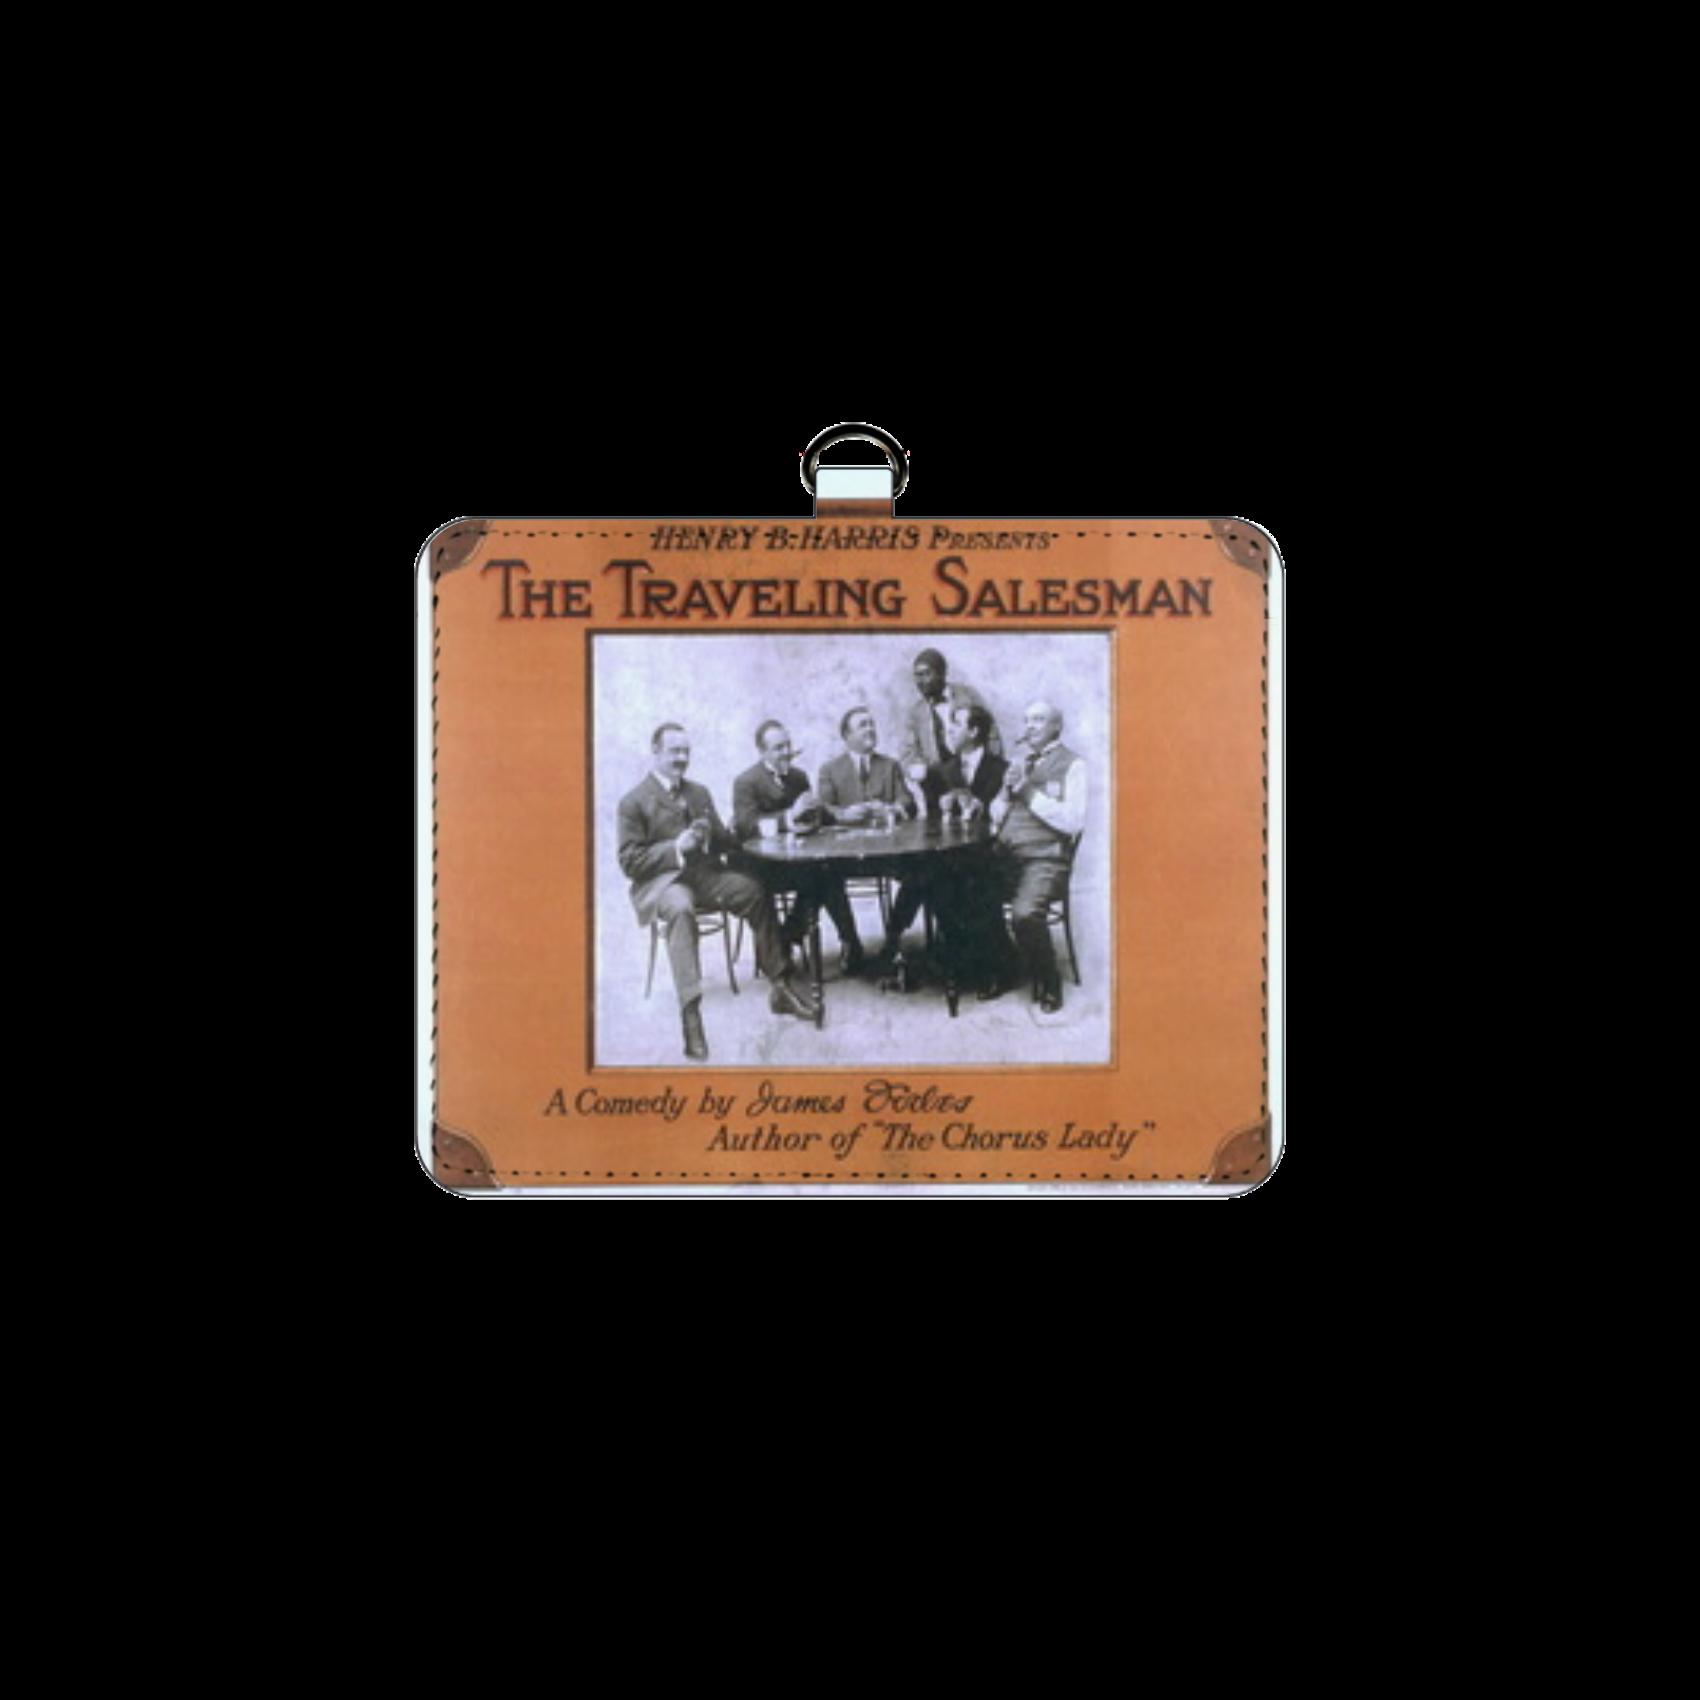 ポップアート ポスター パスケース THE TRAVELING SALESMAN メンズ レディース パスケース